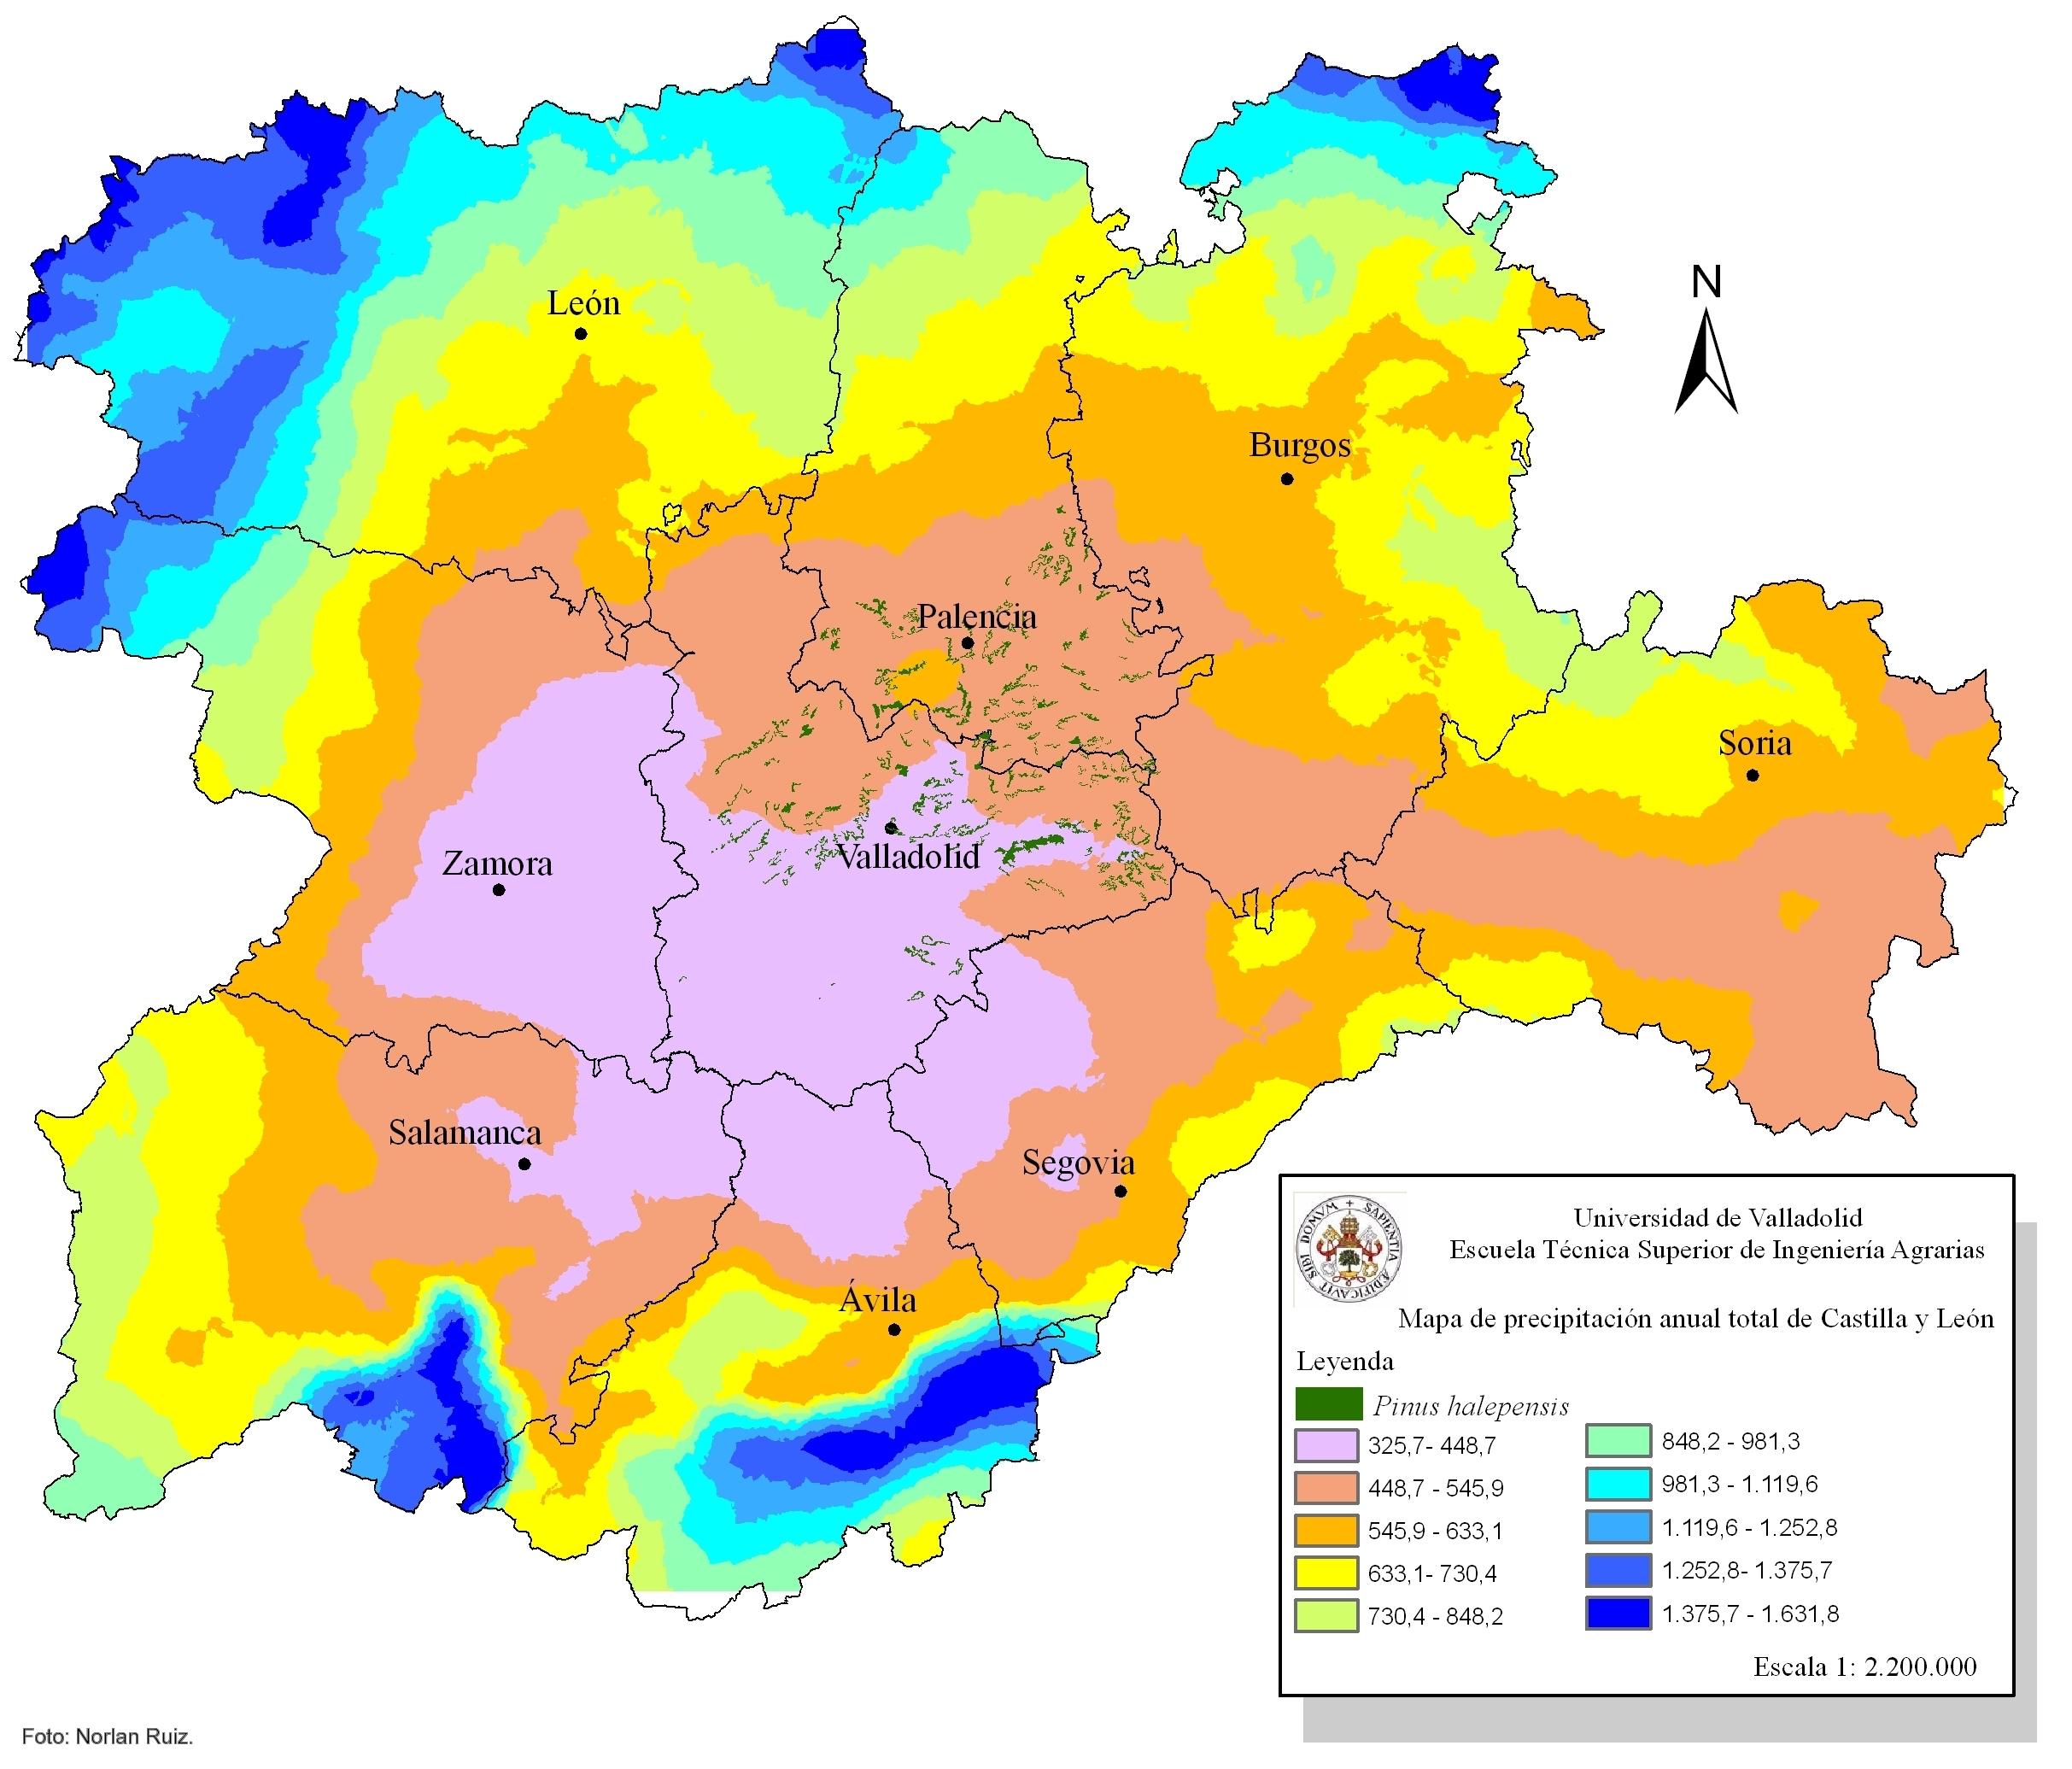 Precipitación anual total en Castilla y León